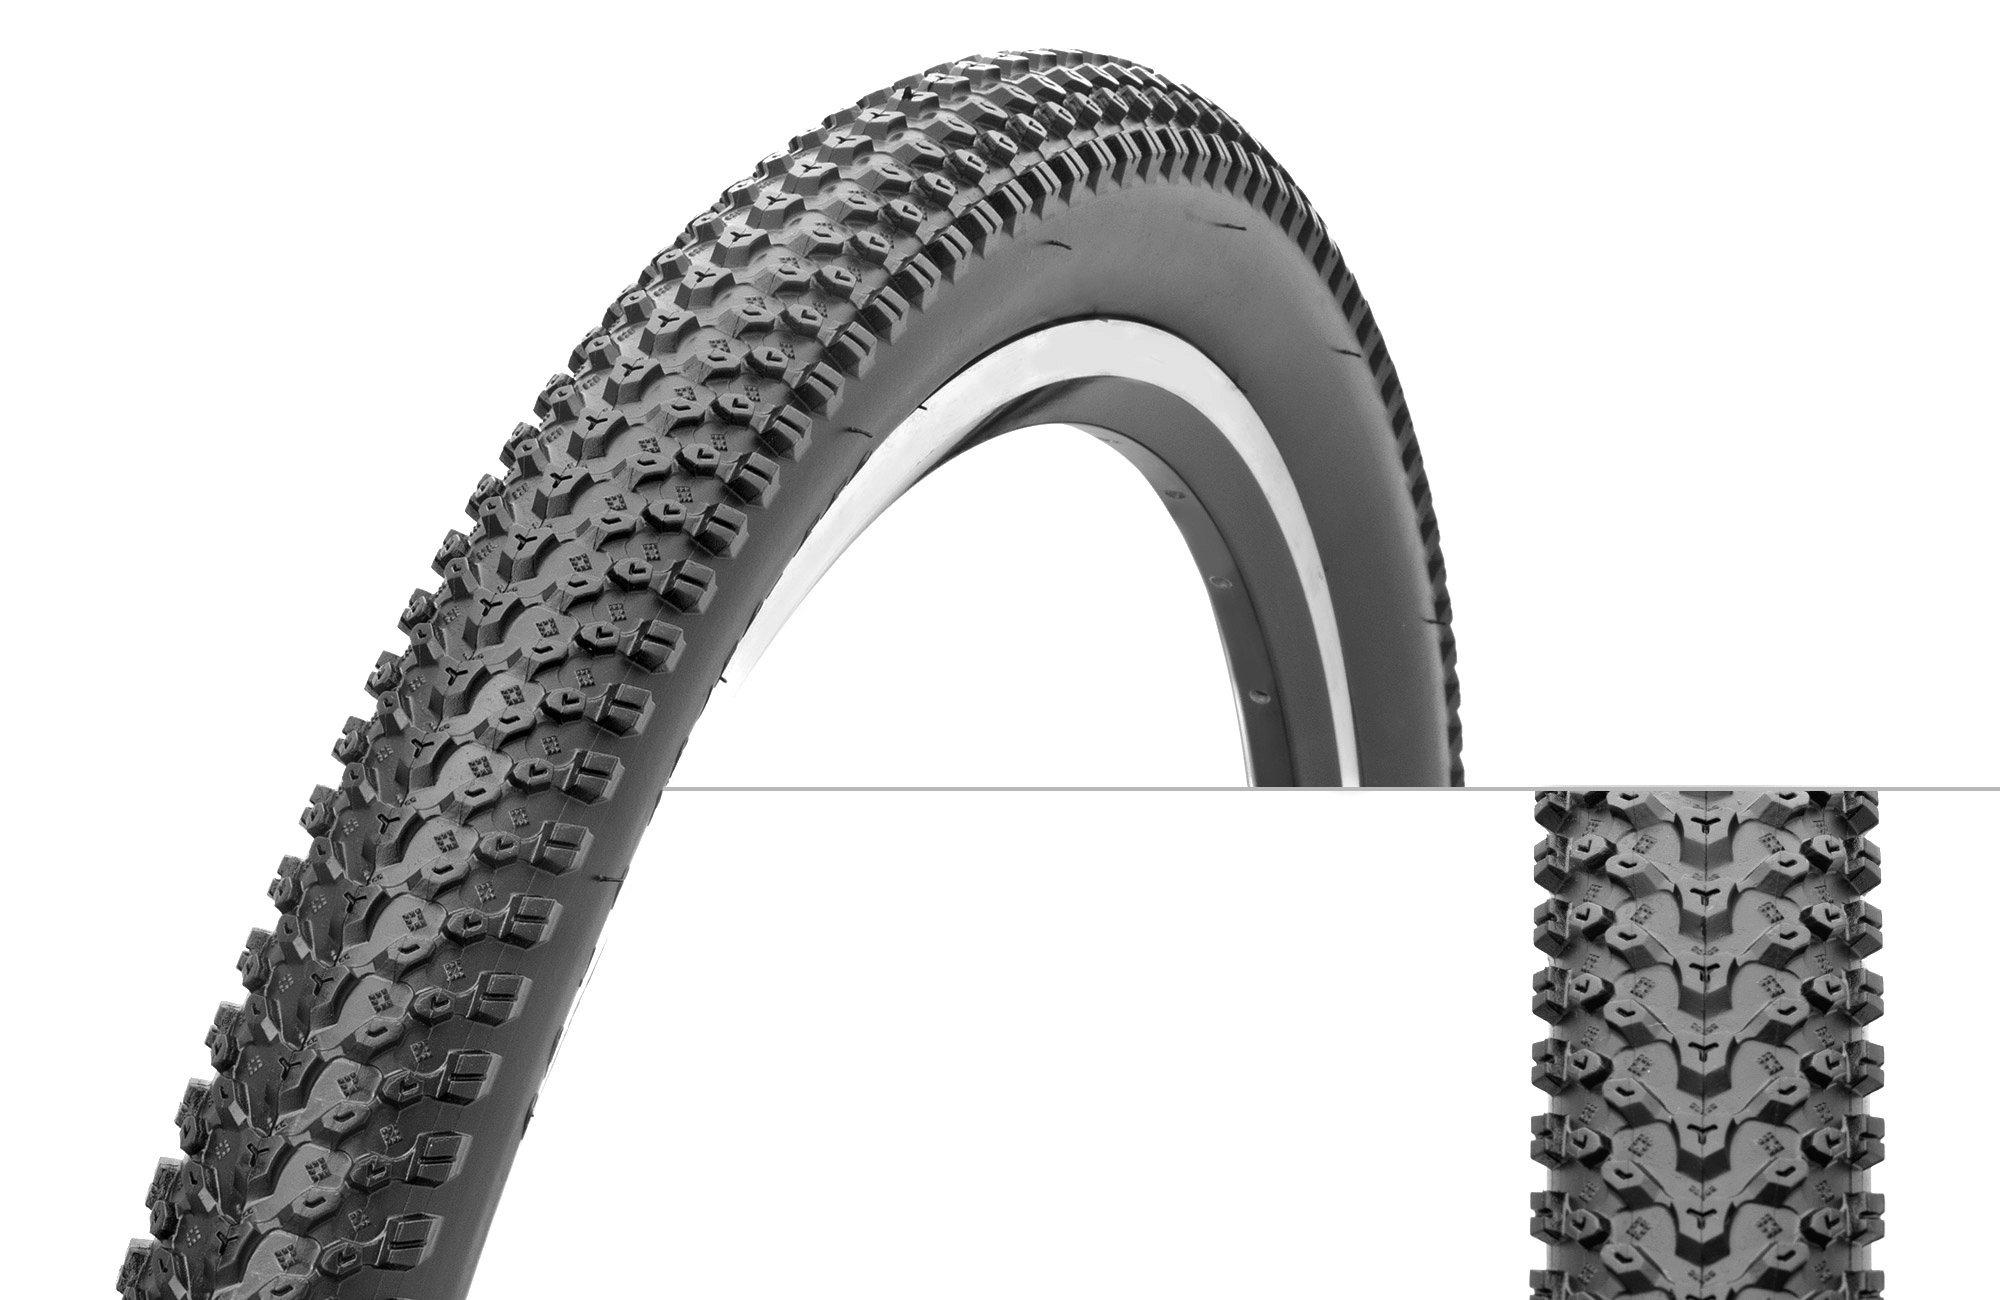 Купить Покрышка 29 в интернет магазине велосипедов. Выбрать велосипед. Цены, фото, отзывы